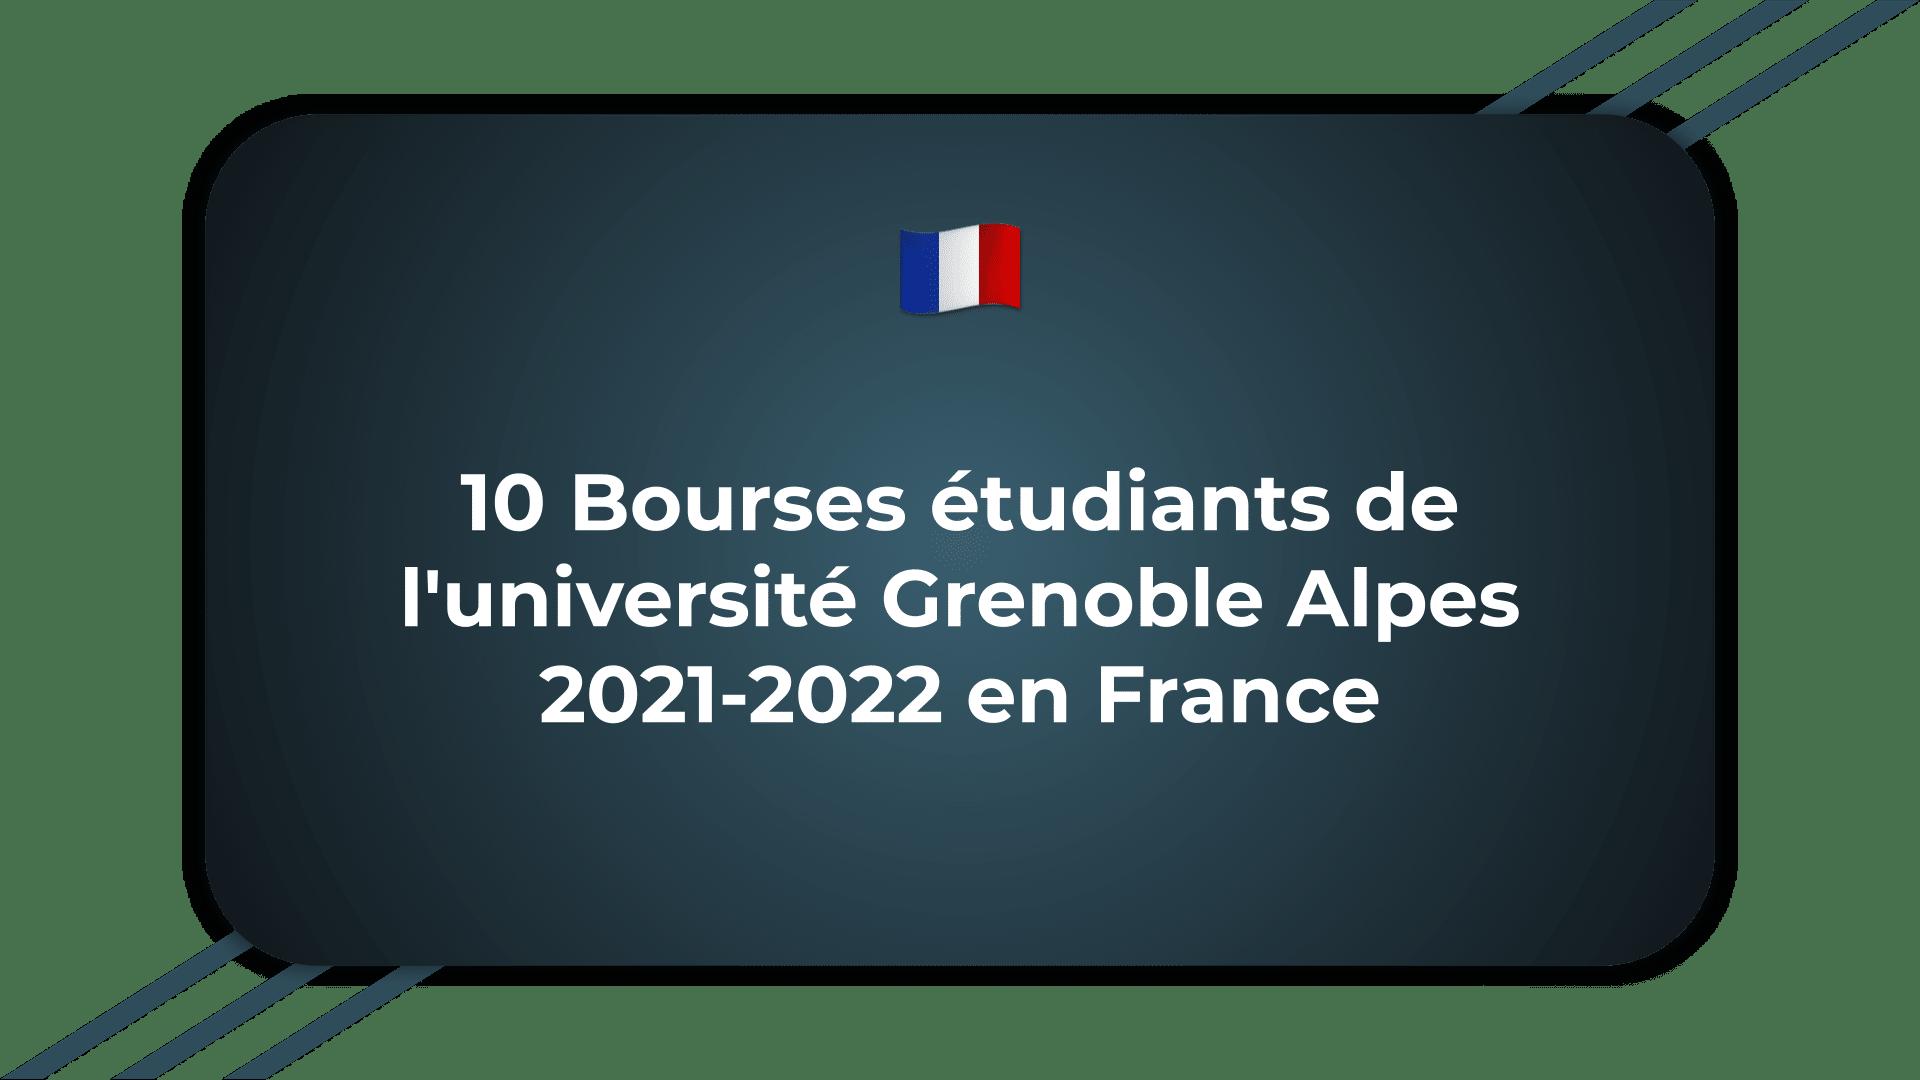 Bourses étudiants de l'université Grenoble Alpes